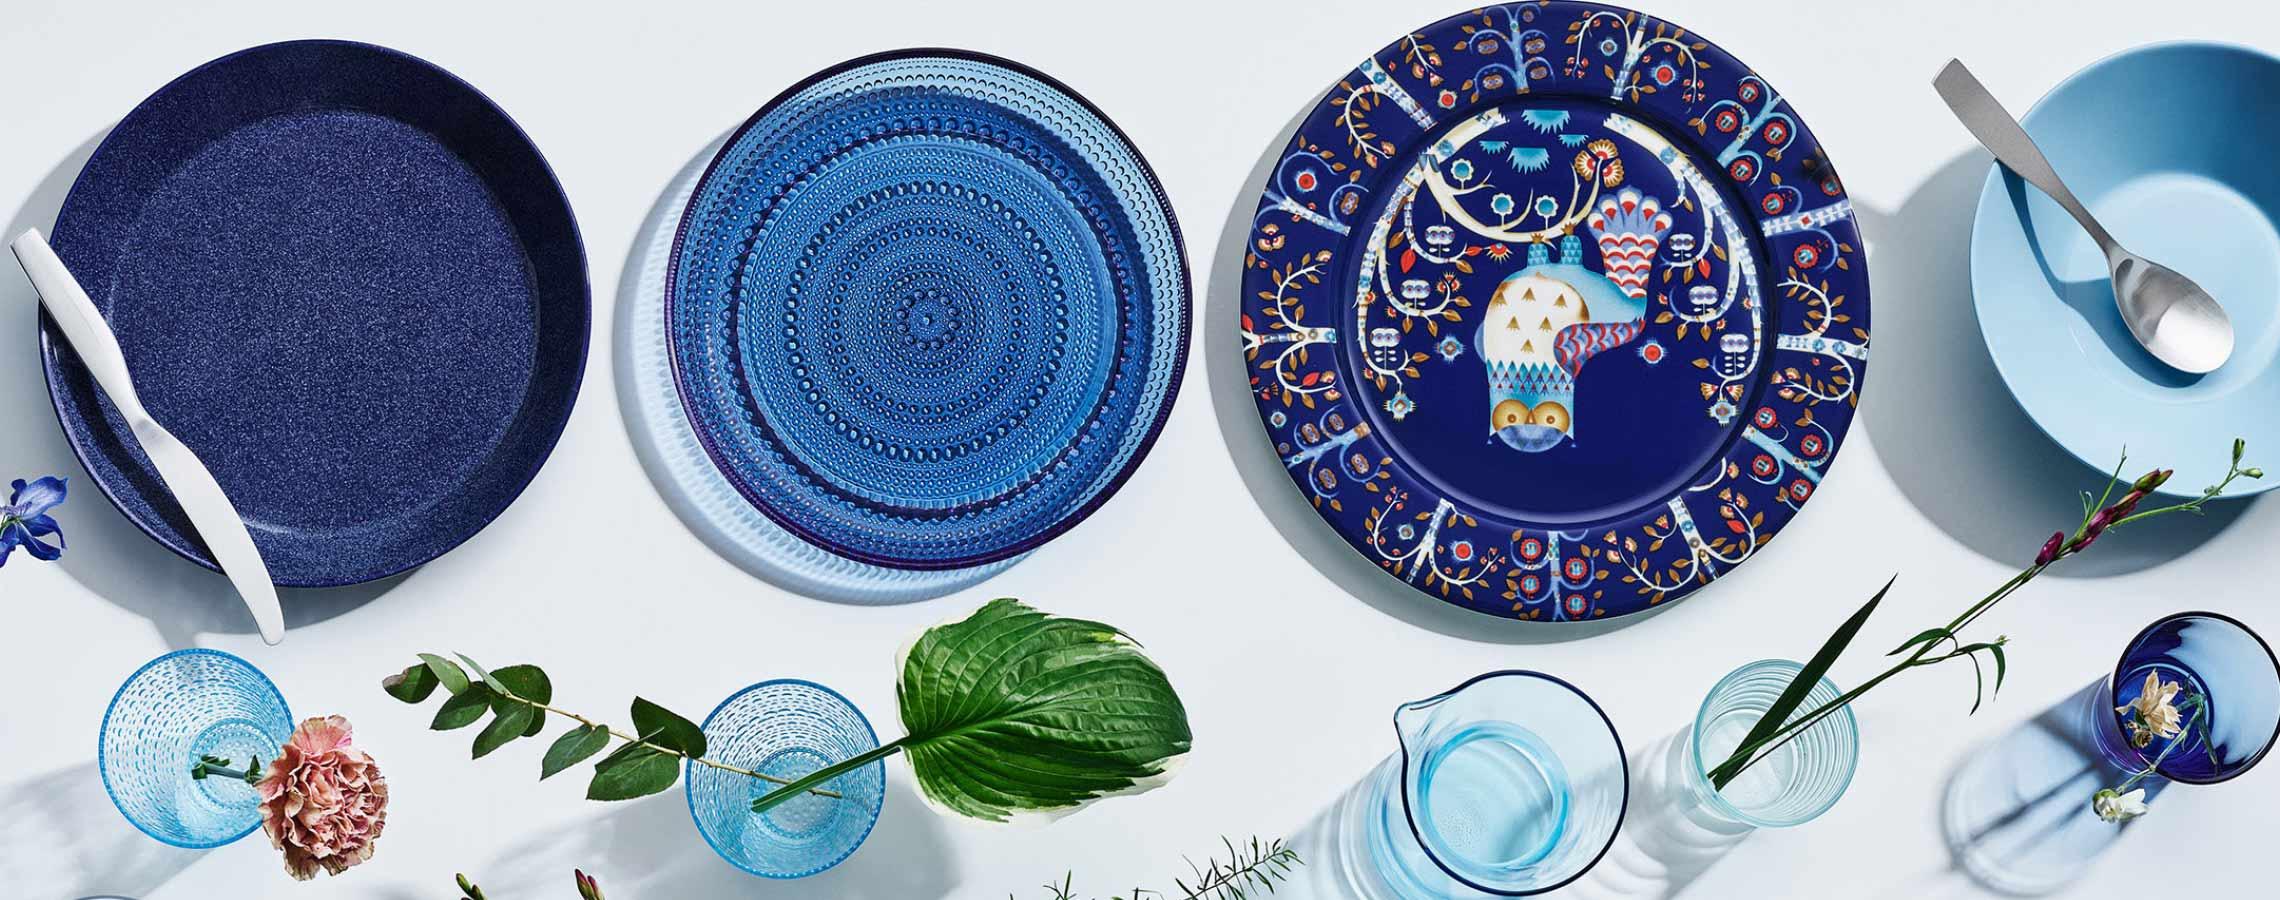 Iittala Kastehelmi and Taika collections